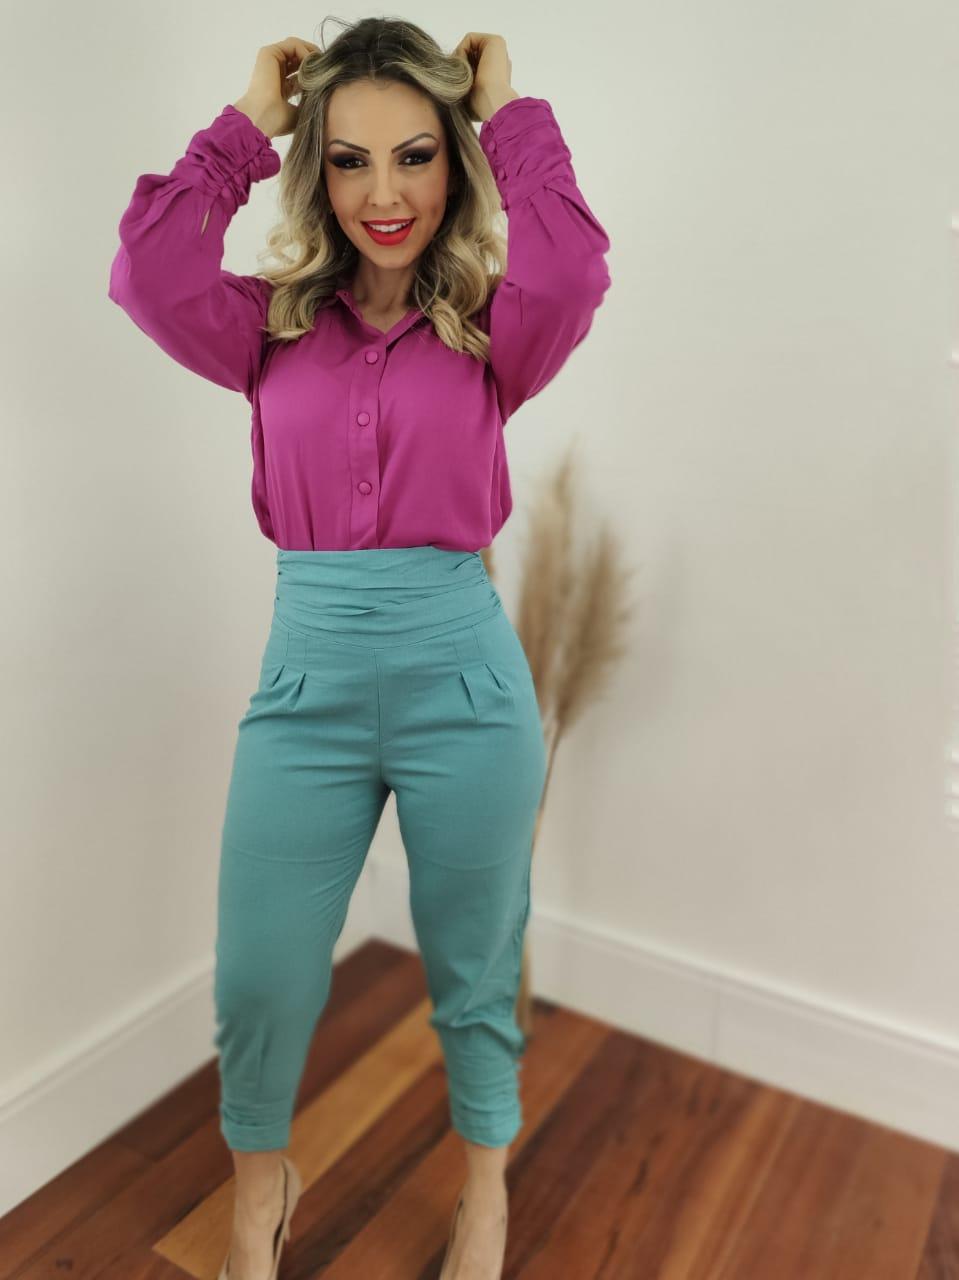 Look: 1 Camisa Manga Longa Viscose Botões Punho Pink + 1 Calça Skinny em Linho Botões Barra Azul